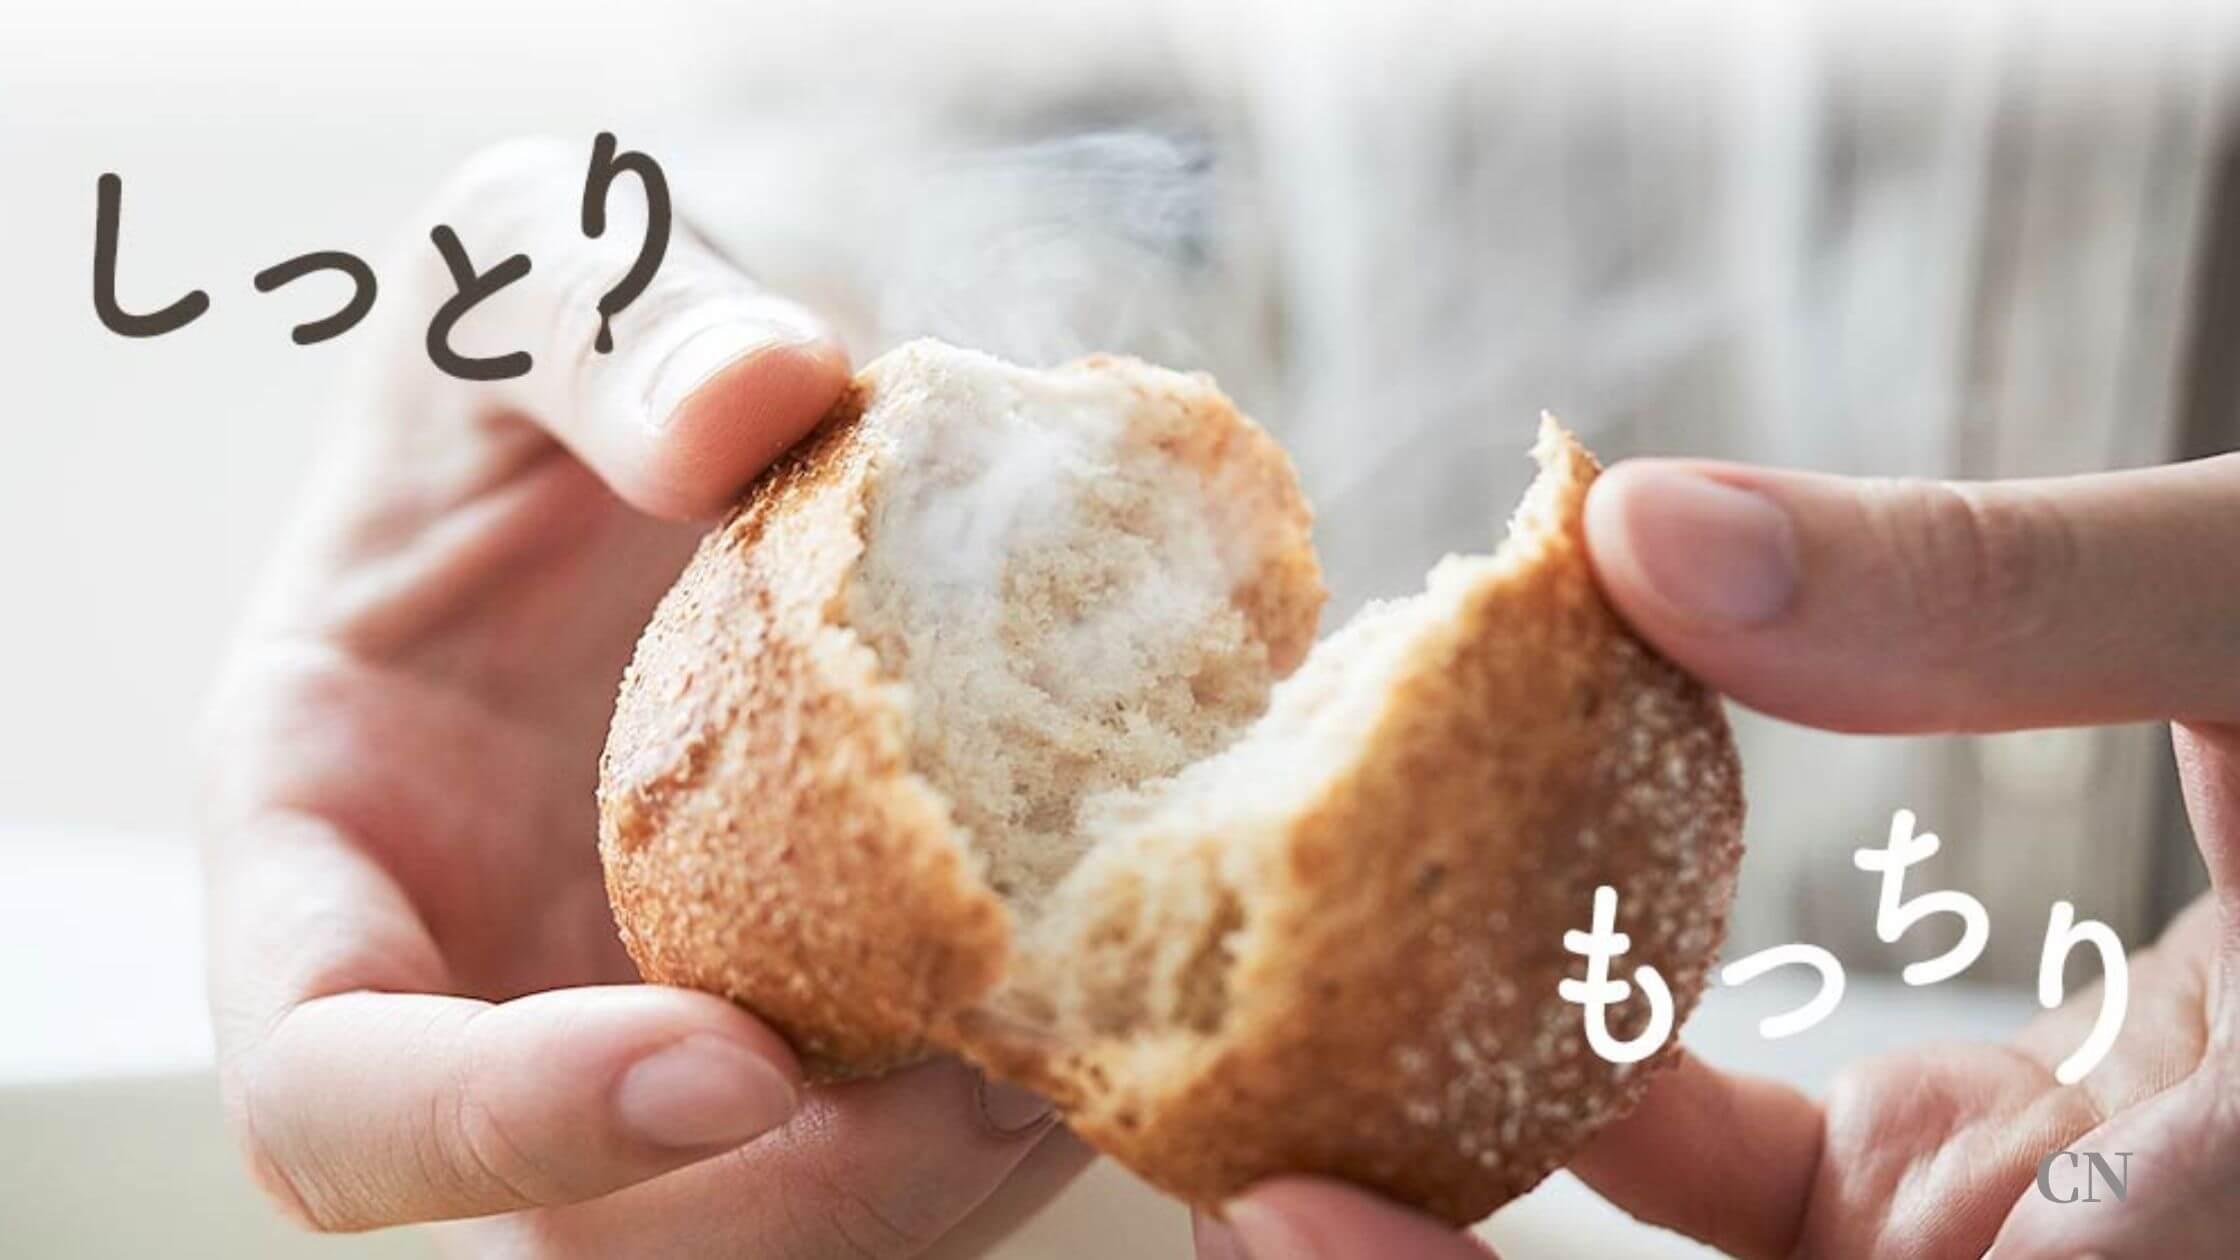 【口コミ】パンド(Pan&)の冷凍パンは美味しい?評判を徹底調査